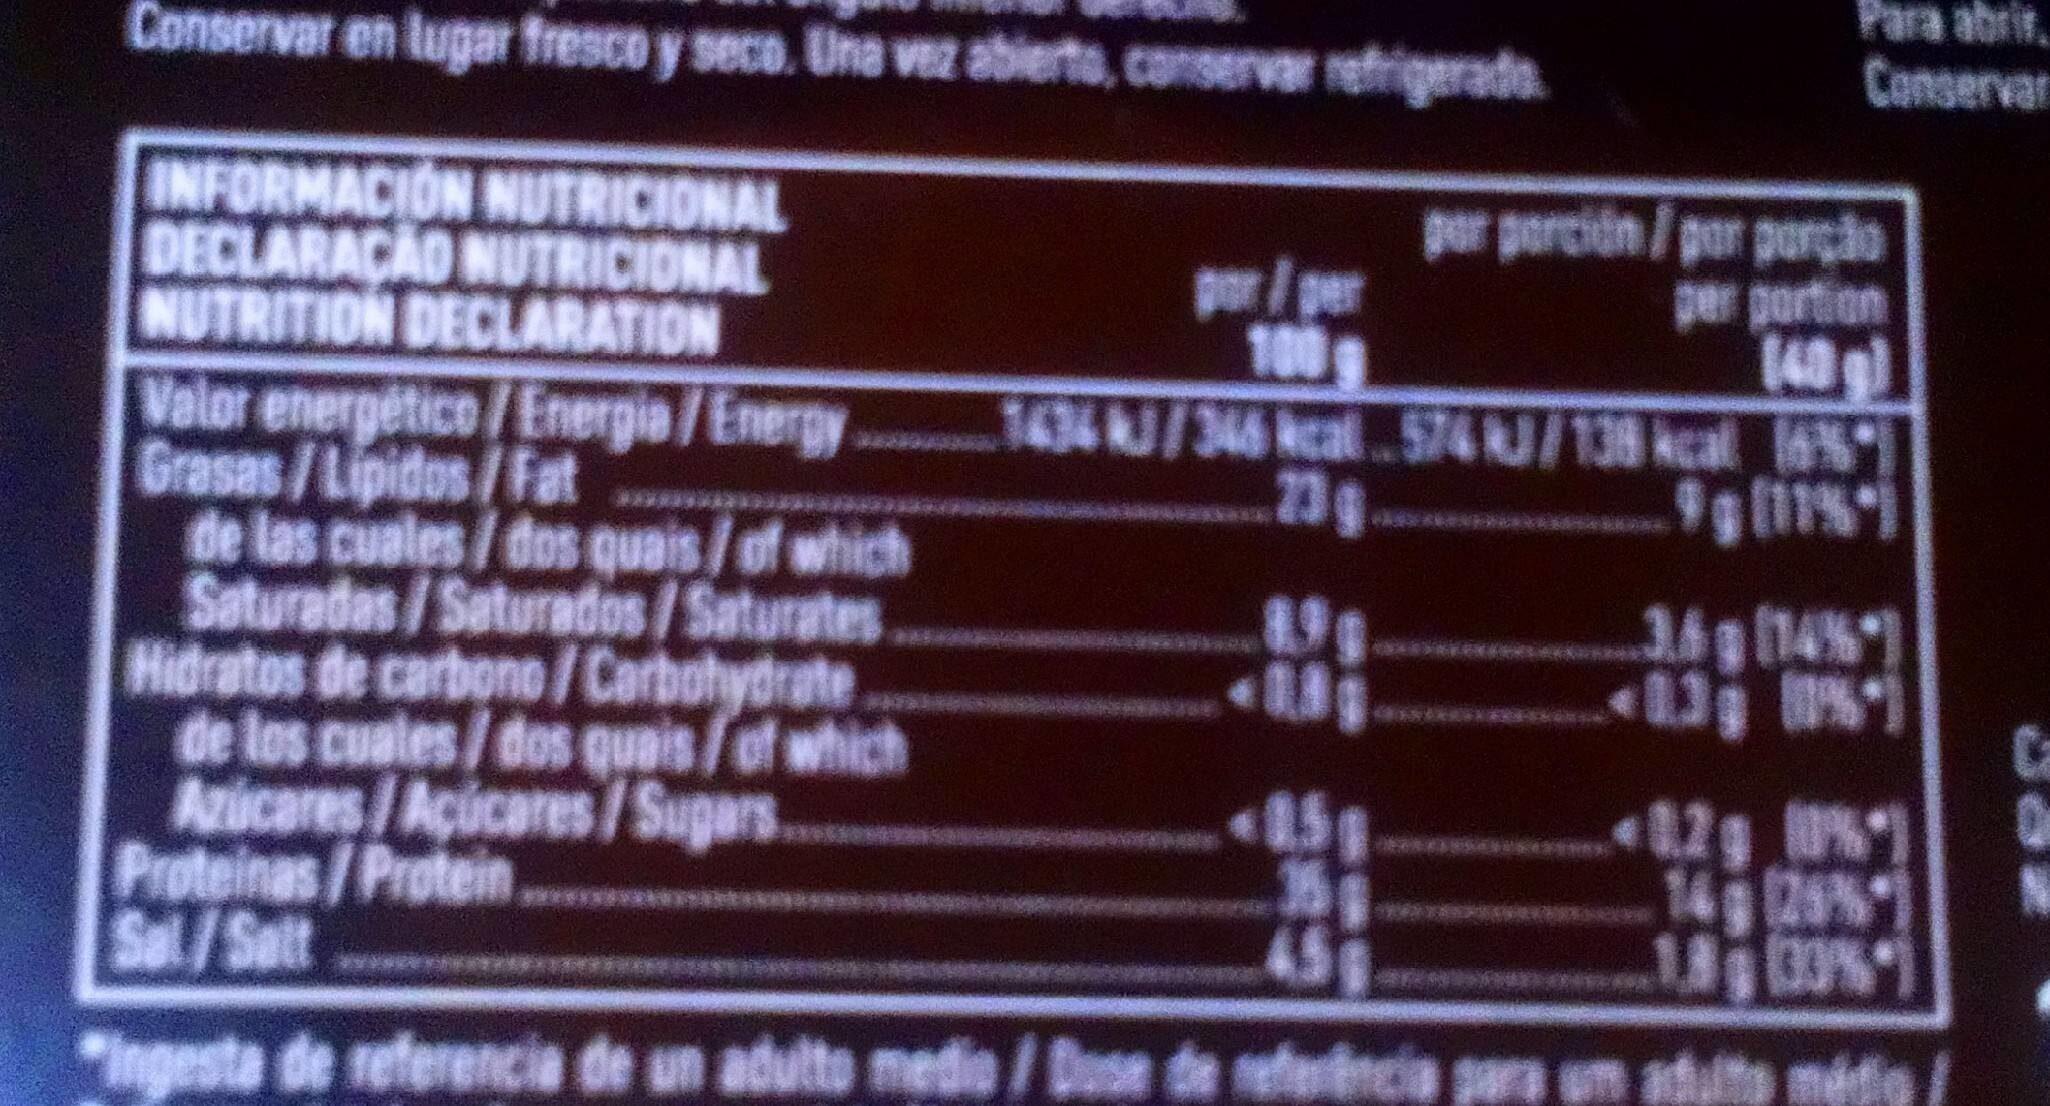 Jamón de bellota ibérico raza ibérica lonchas - Nutrition facts